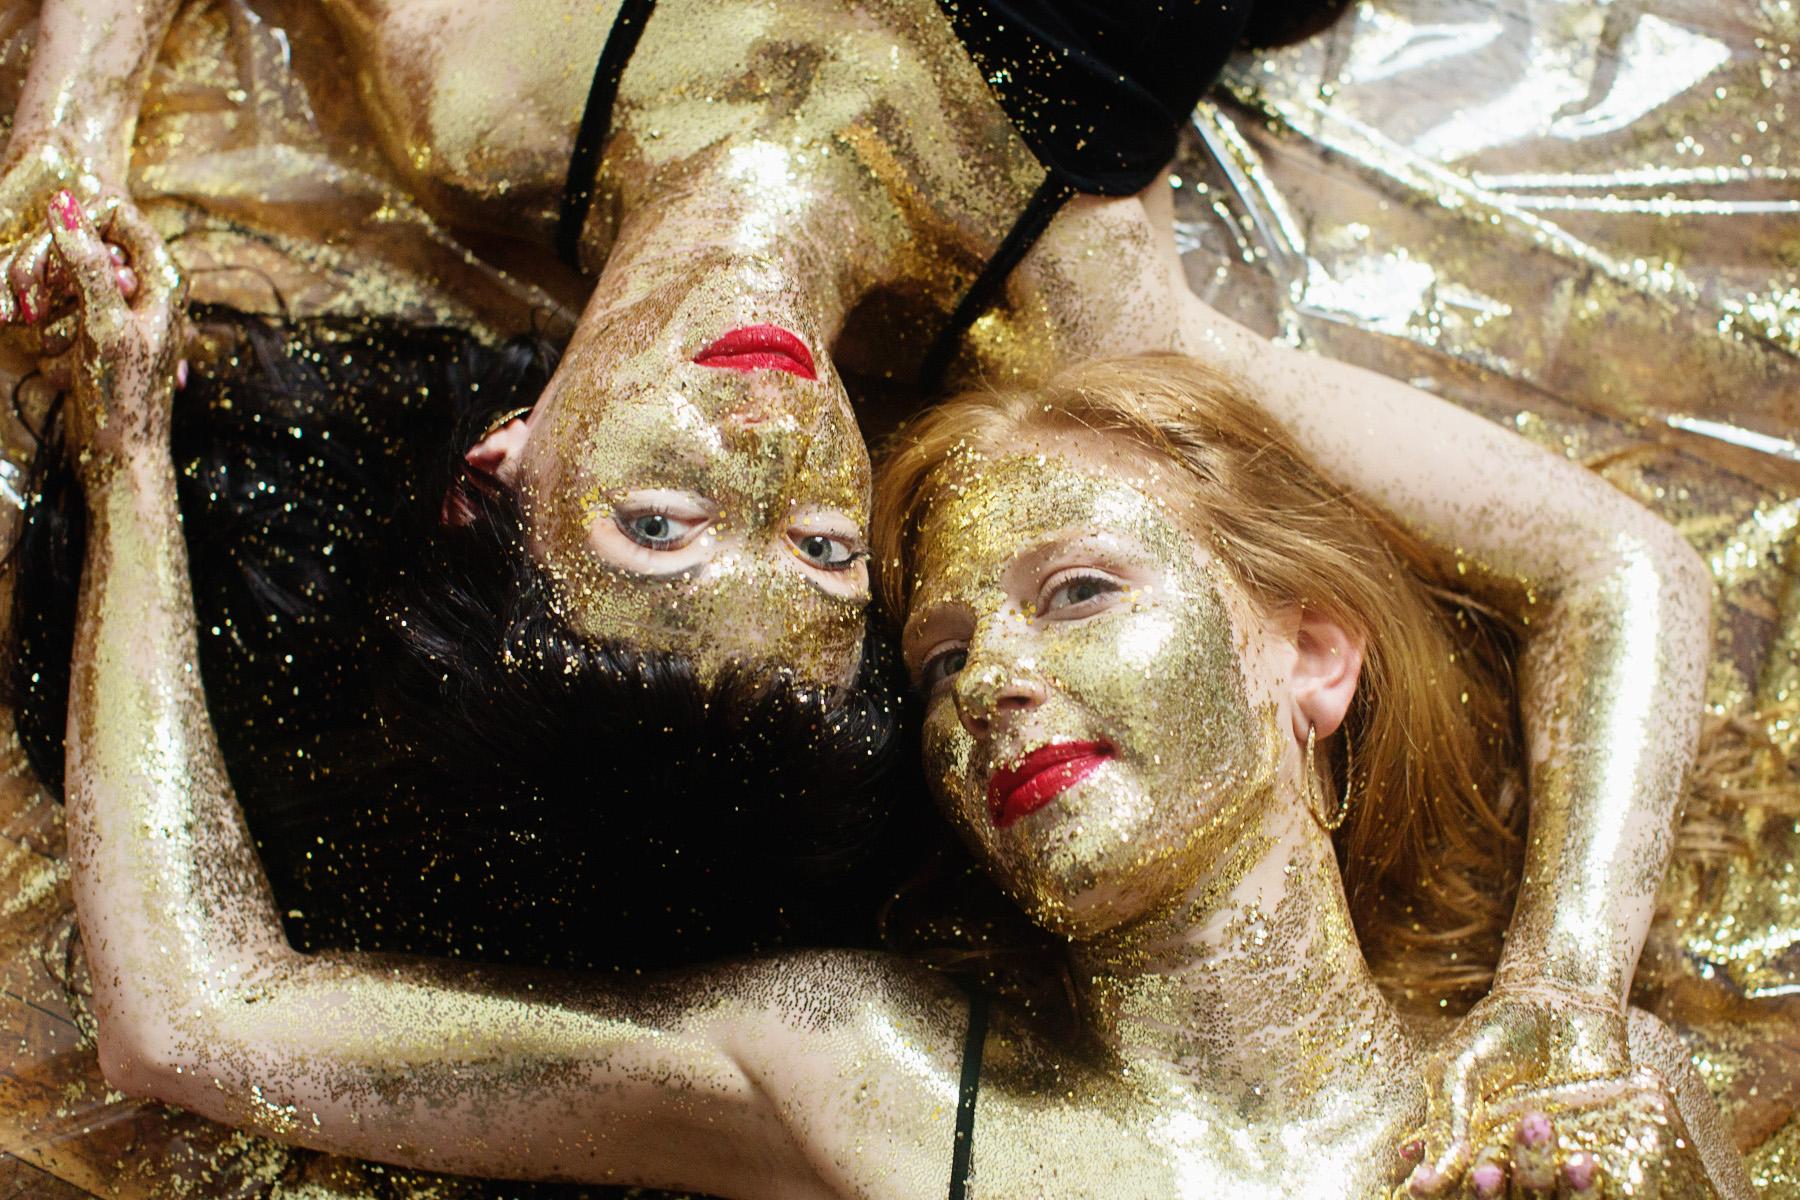 glittergirls-65.jpg